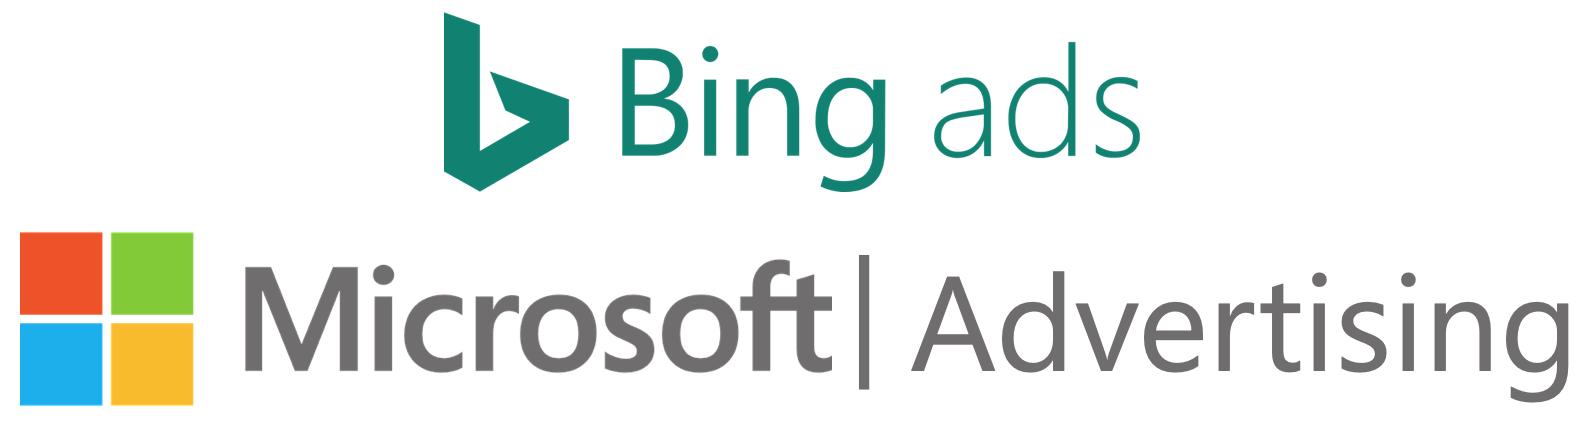 Das Bild zeigt die Darstellung des ursprünglichen Bing Ads Logos und des neuen Microsoft Advertising Logos.